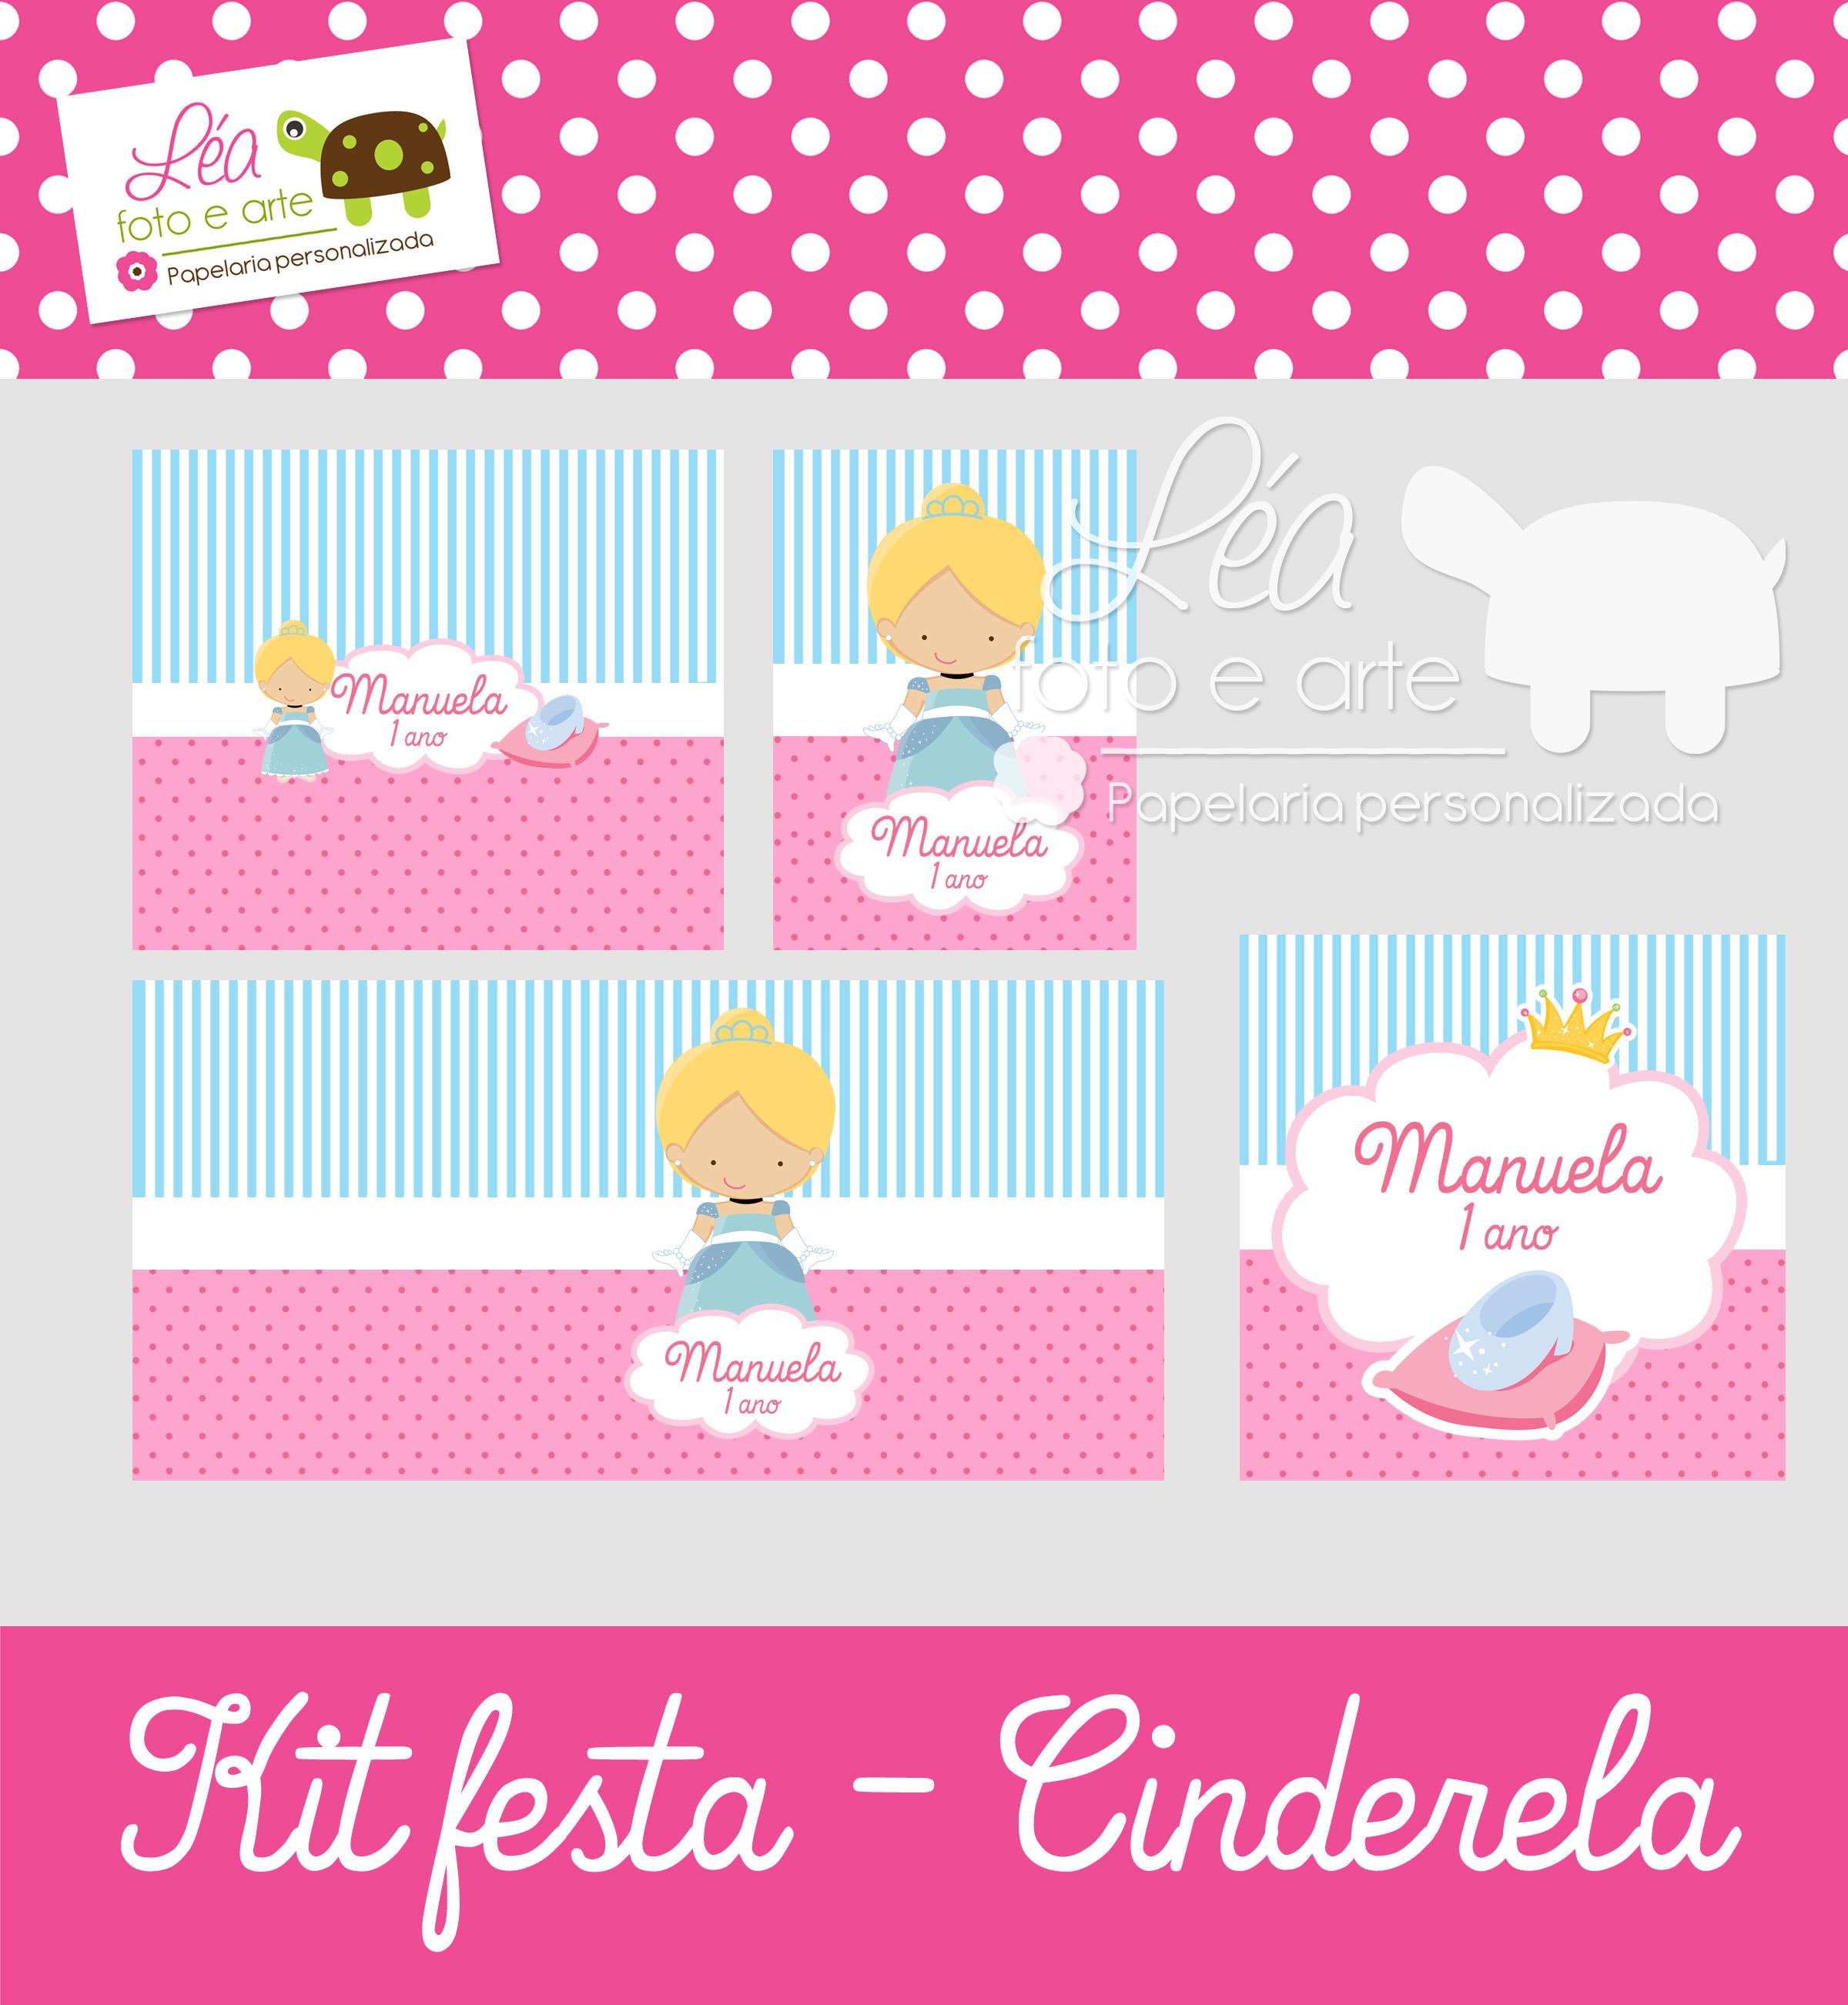 cinderela_kit_festa